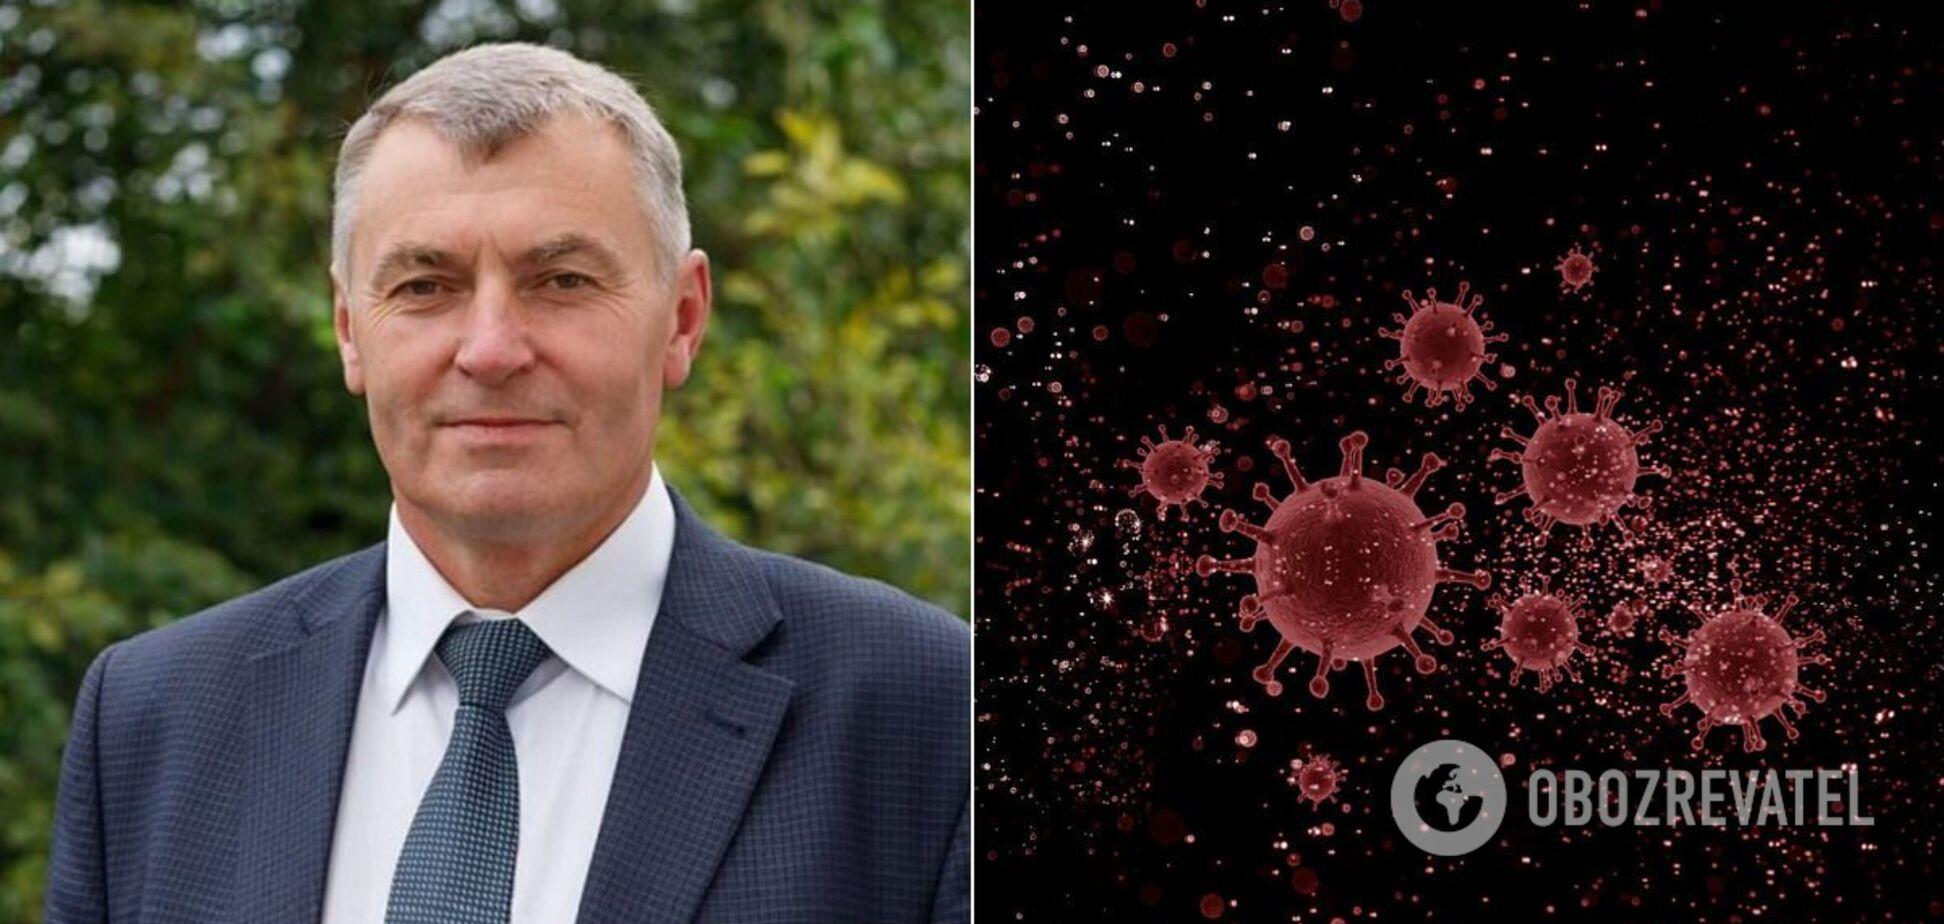 Олександр Луговий помер від ускладнень внаслідок коронавірусу